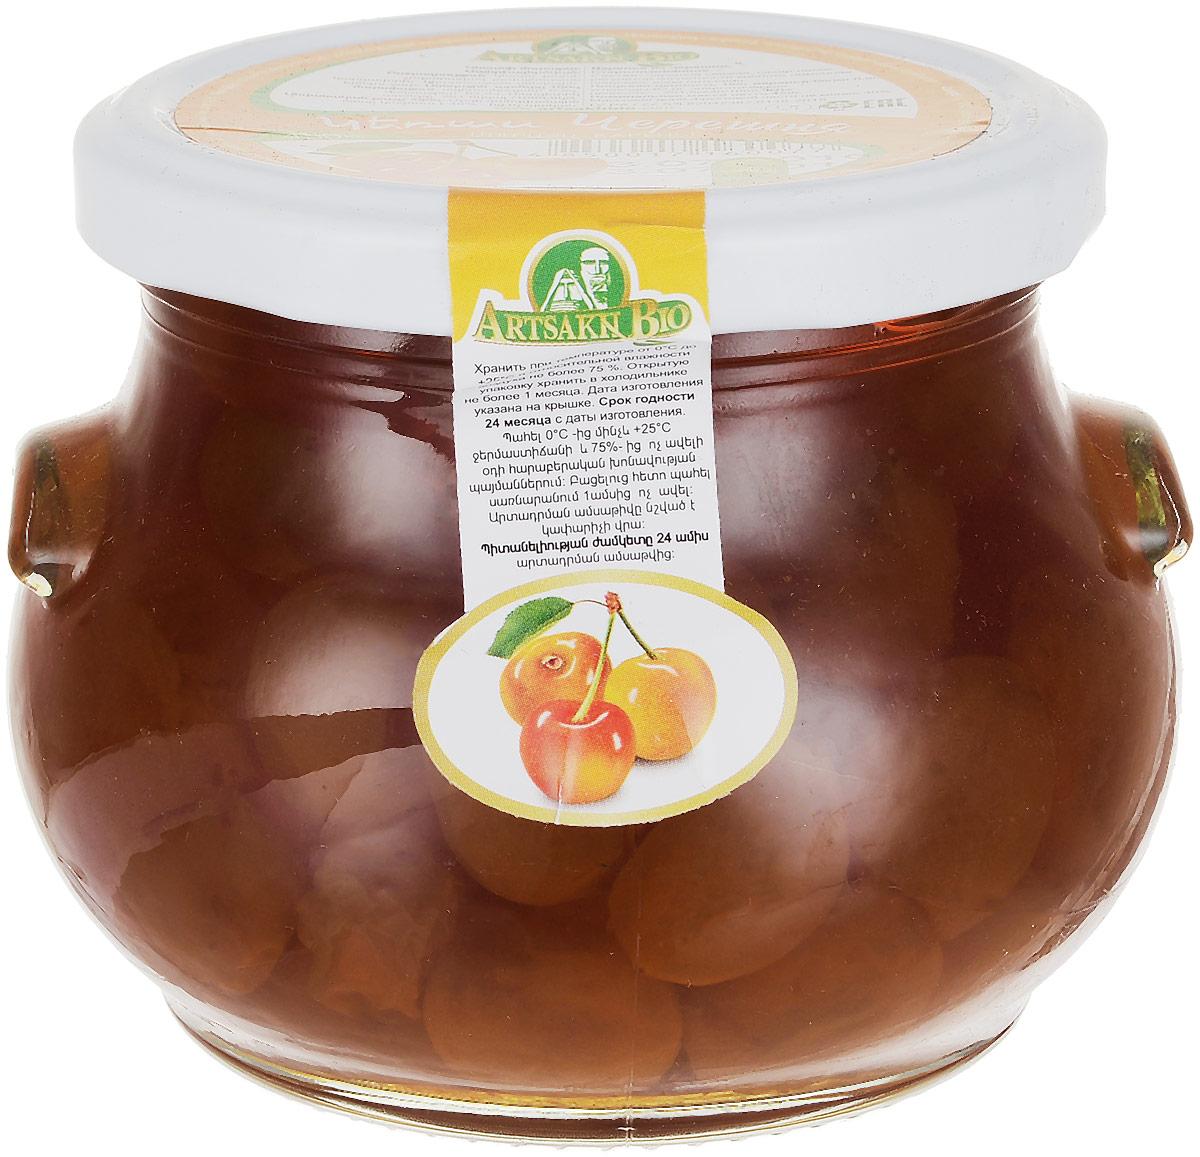 Artsakh Bio варенье из черешни, 450 г4665301640049Черешня пользуется огромной популярностью. Это прародительница вишни. Плоды черешни имеют сердцевидную форму. Окраска светлая желтая, почти белая.В их состав входят сахар, органические кислоты, микроэлементы, макроэлементы (йод, железо, кальций), витамины А, Е, В, С. Пектиновые вещества, находящиеся в ягоде, благотворно влияют на пищеварение, а антоцианы защищают организм человека от свободных радикалов. Полезные ягоды помогают быстро избавиться от отеков. Варенье Artsakh Bio очень вкусное, янтарного цвета.Уважаемые клиенты! Обращаем ваше внимание, что полный перечень состава продукта представлен на дополнительном изображении.